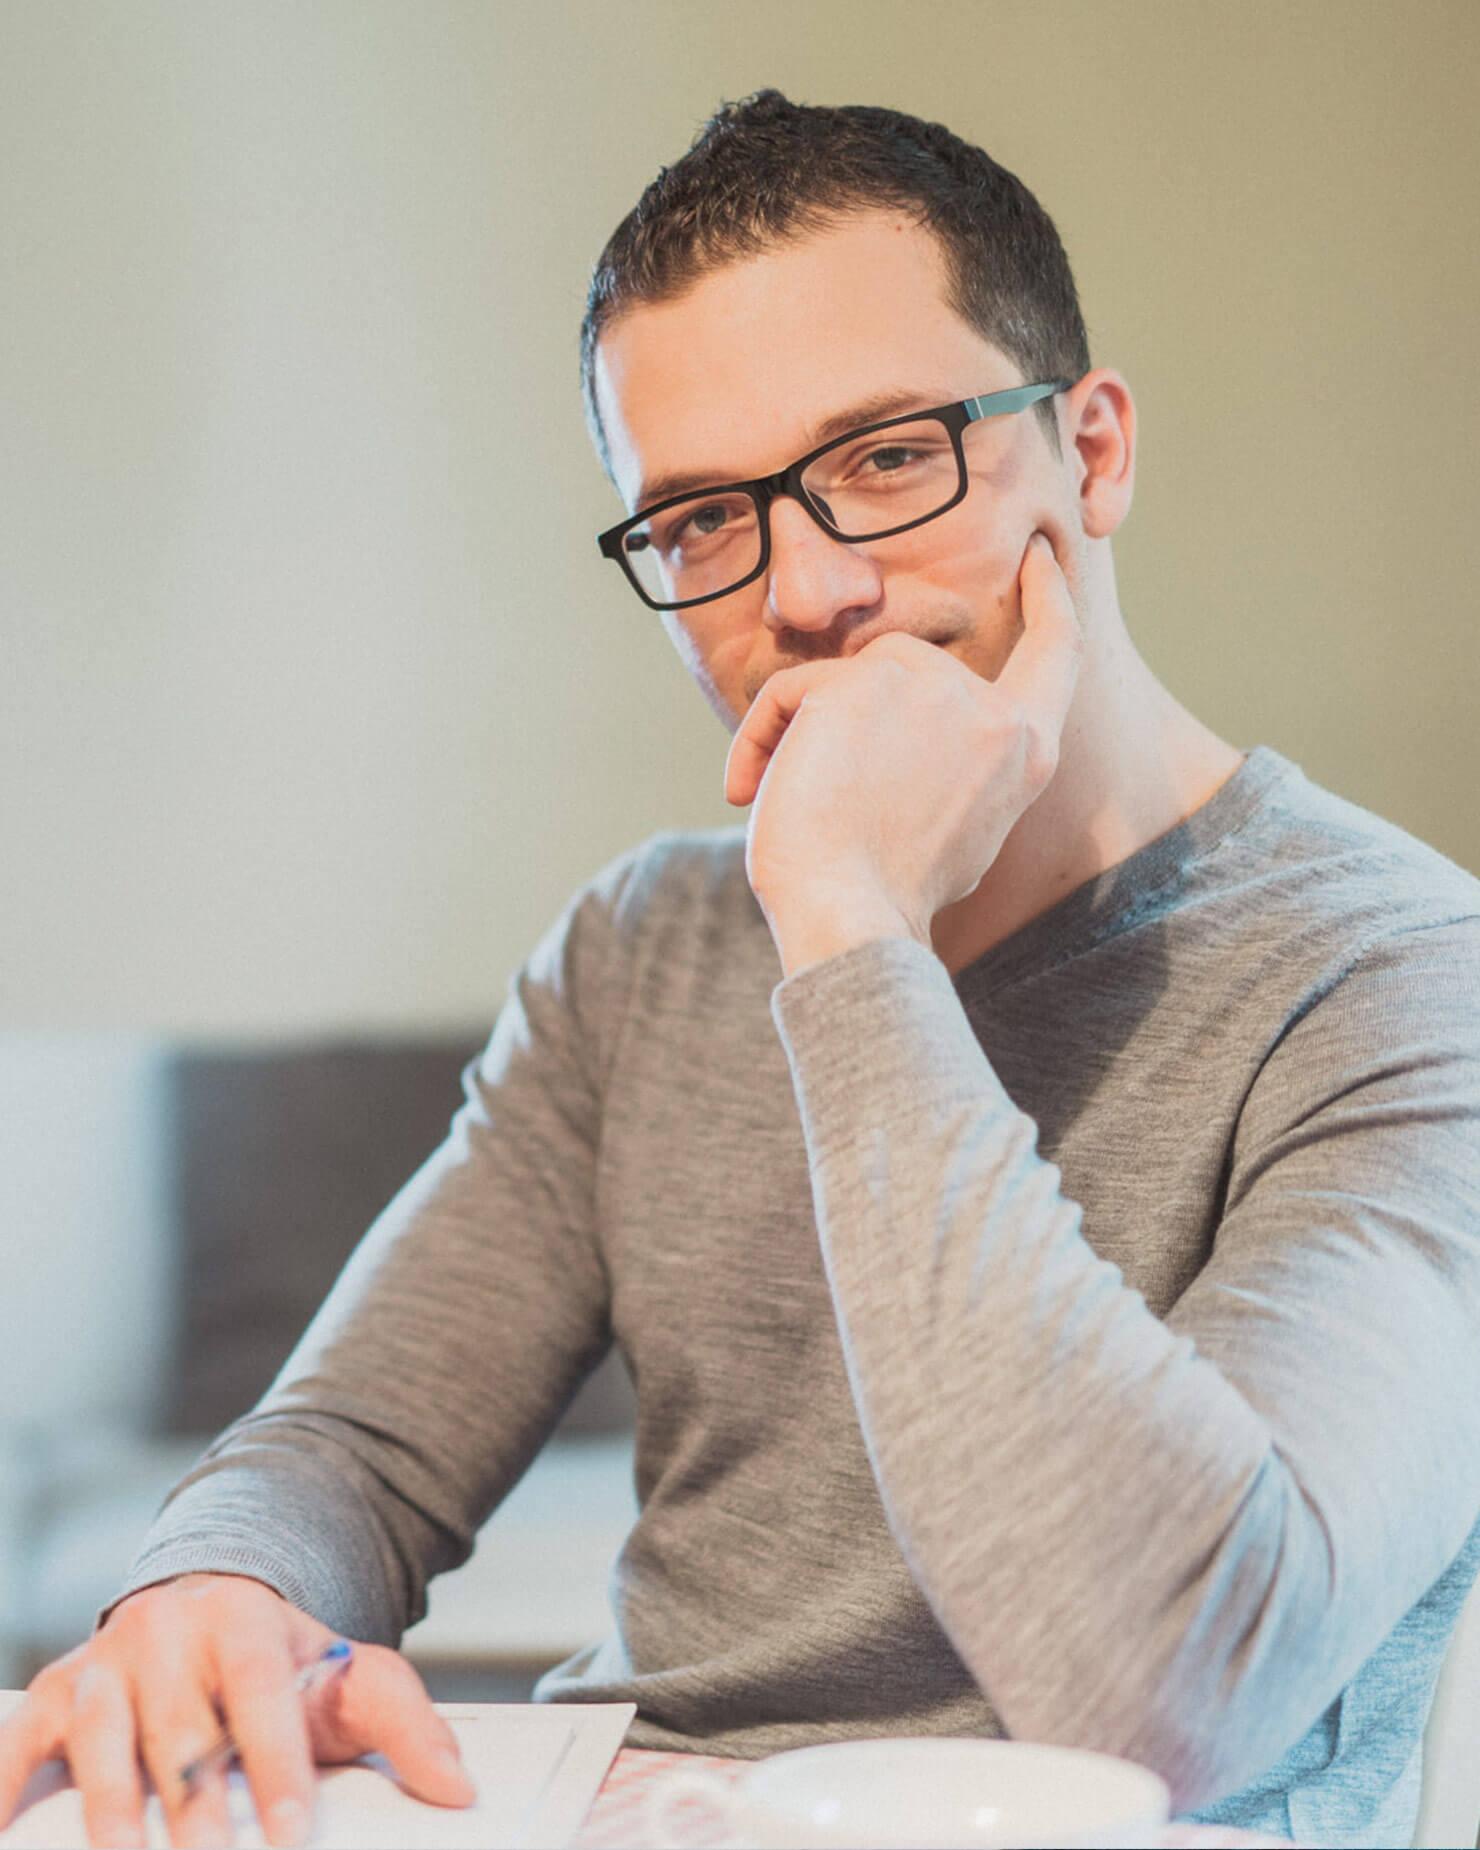 Георги Ненов: Не е необходимо уроците да идват само от грешките, които допускаме